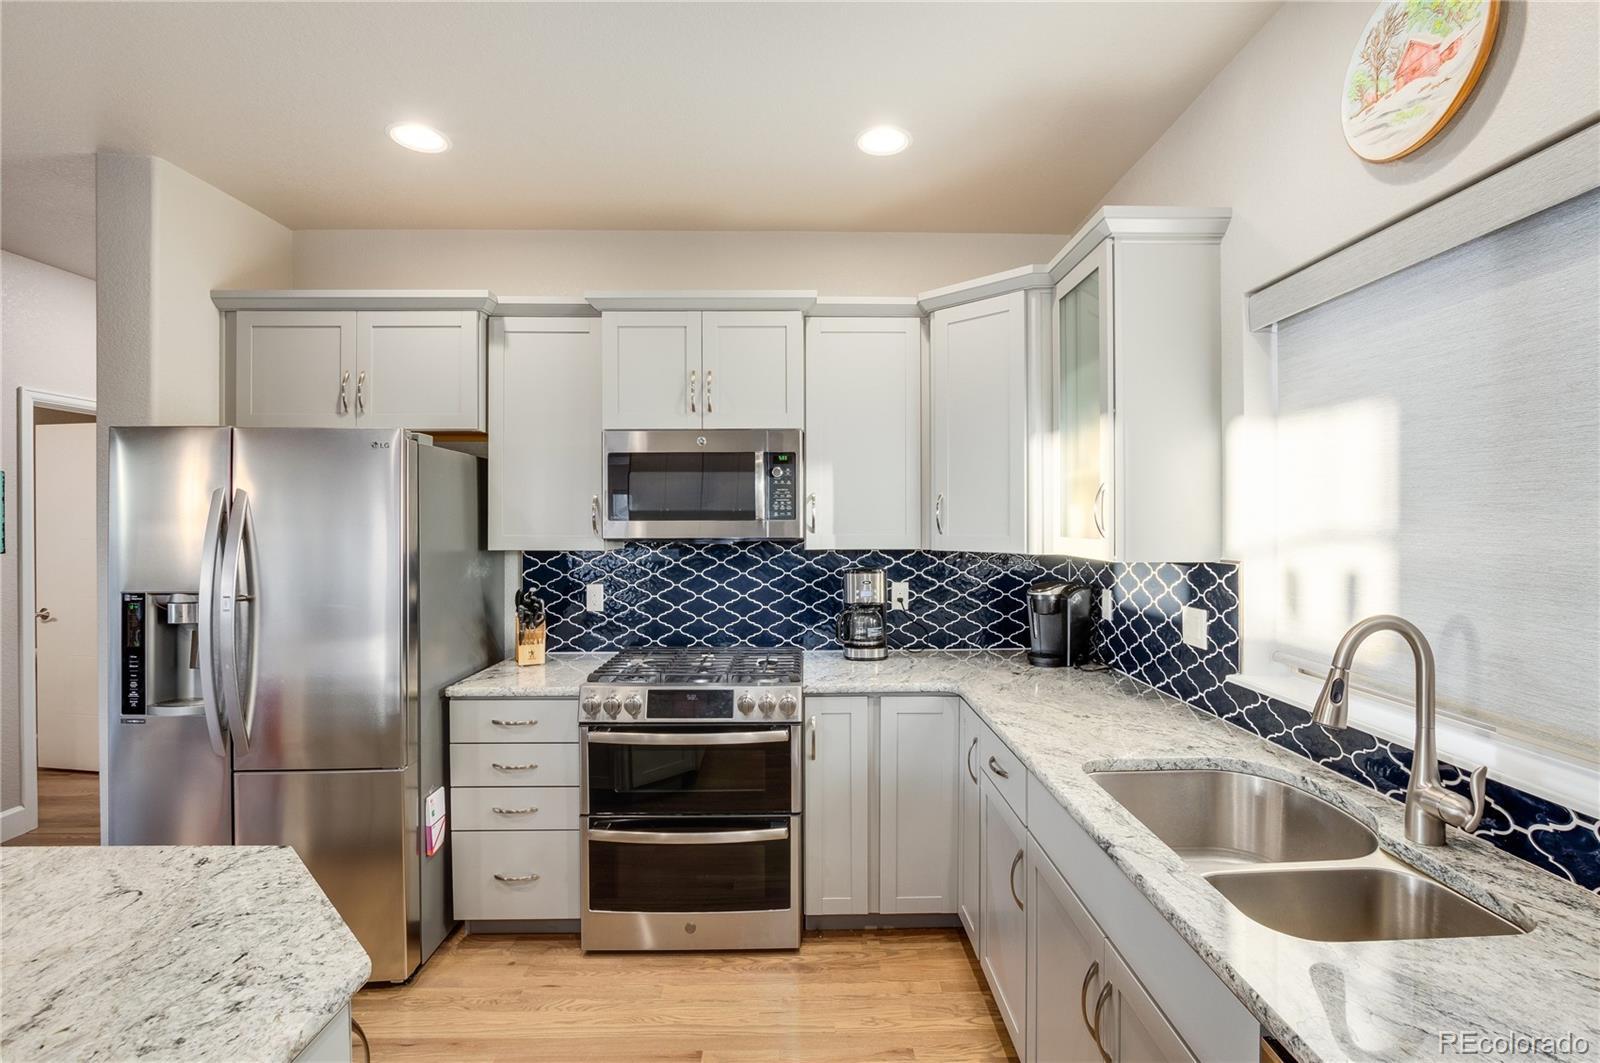 MLS# 9892836 - 15 - 6372 Cubbage Drive, Colorado Springs, CO 80924